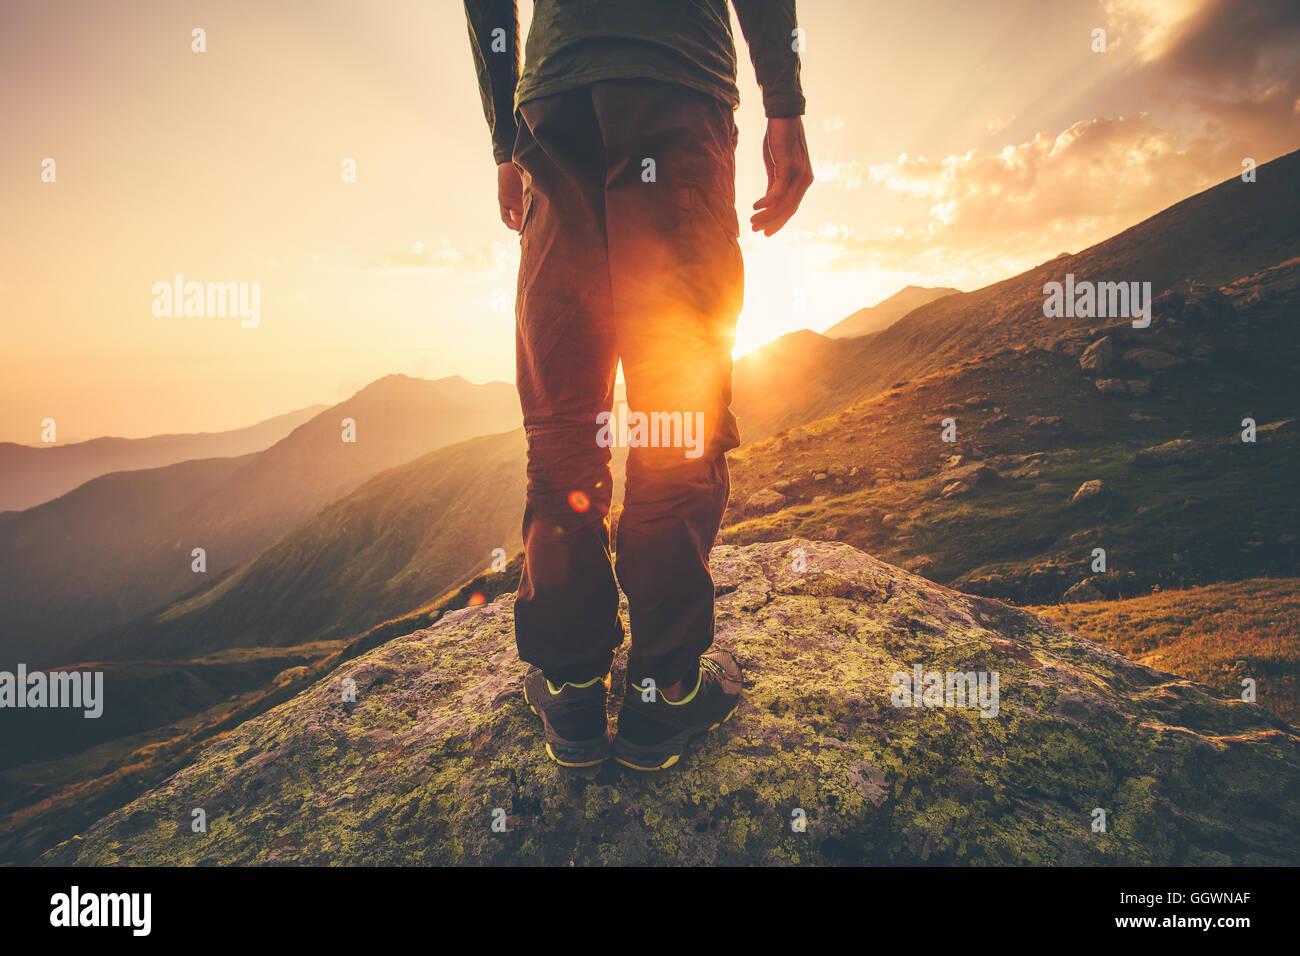 Jeune homme pieds Voyageur seul) avec le coucher du soleil sur les montagnes de vie fond Travel concept outdoor Photo Stock